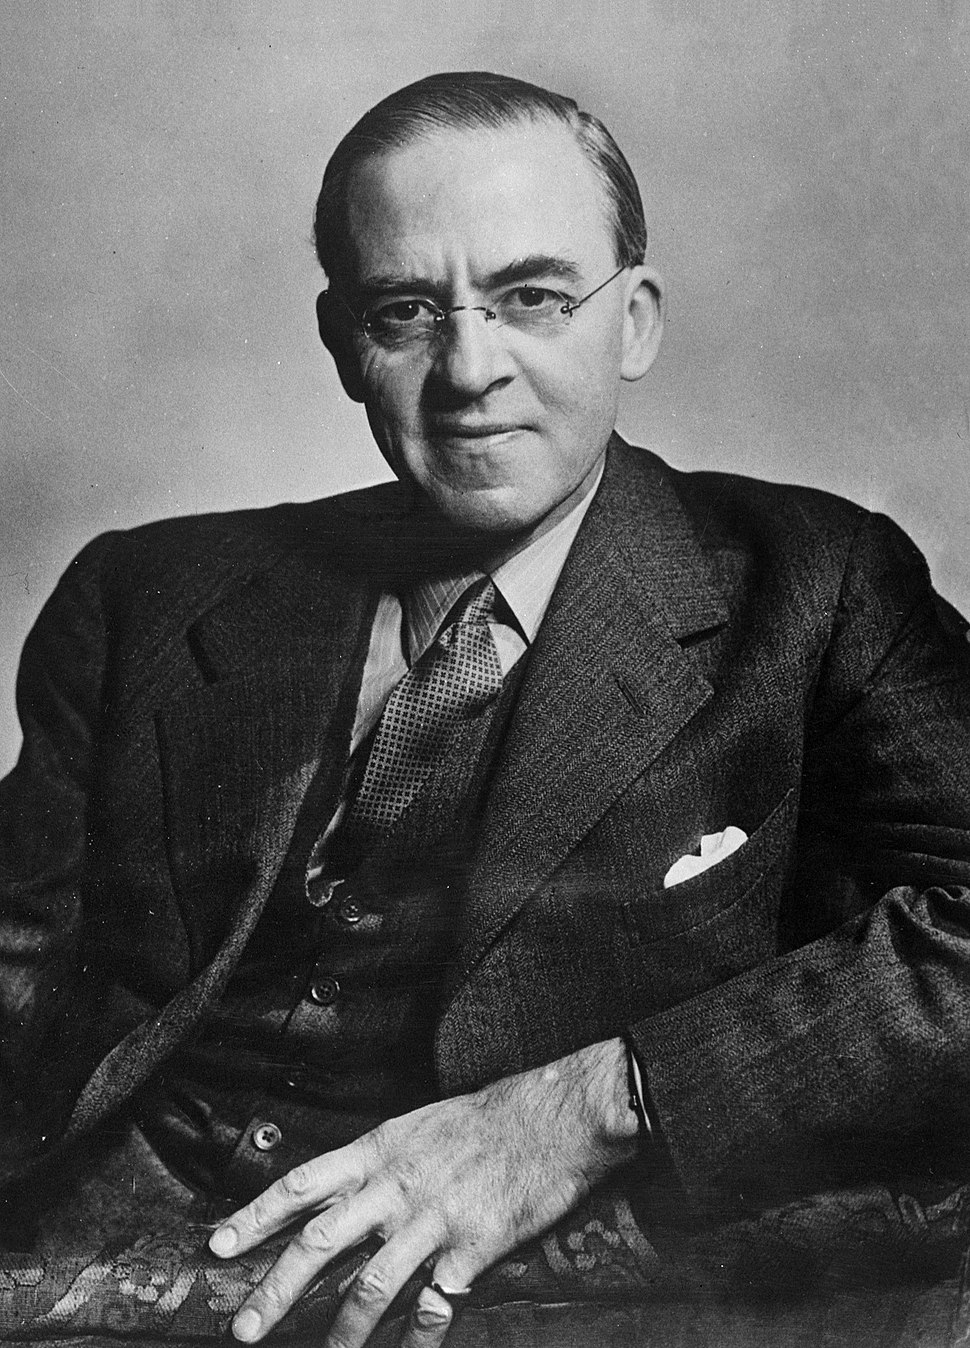 Stafford Cripps 1947